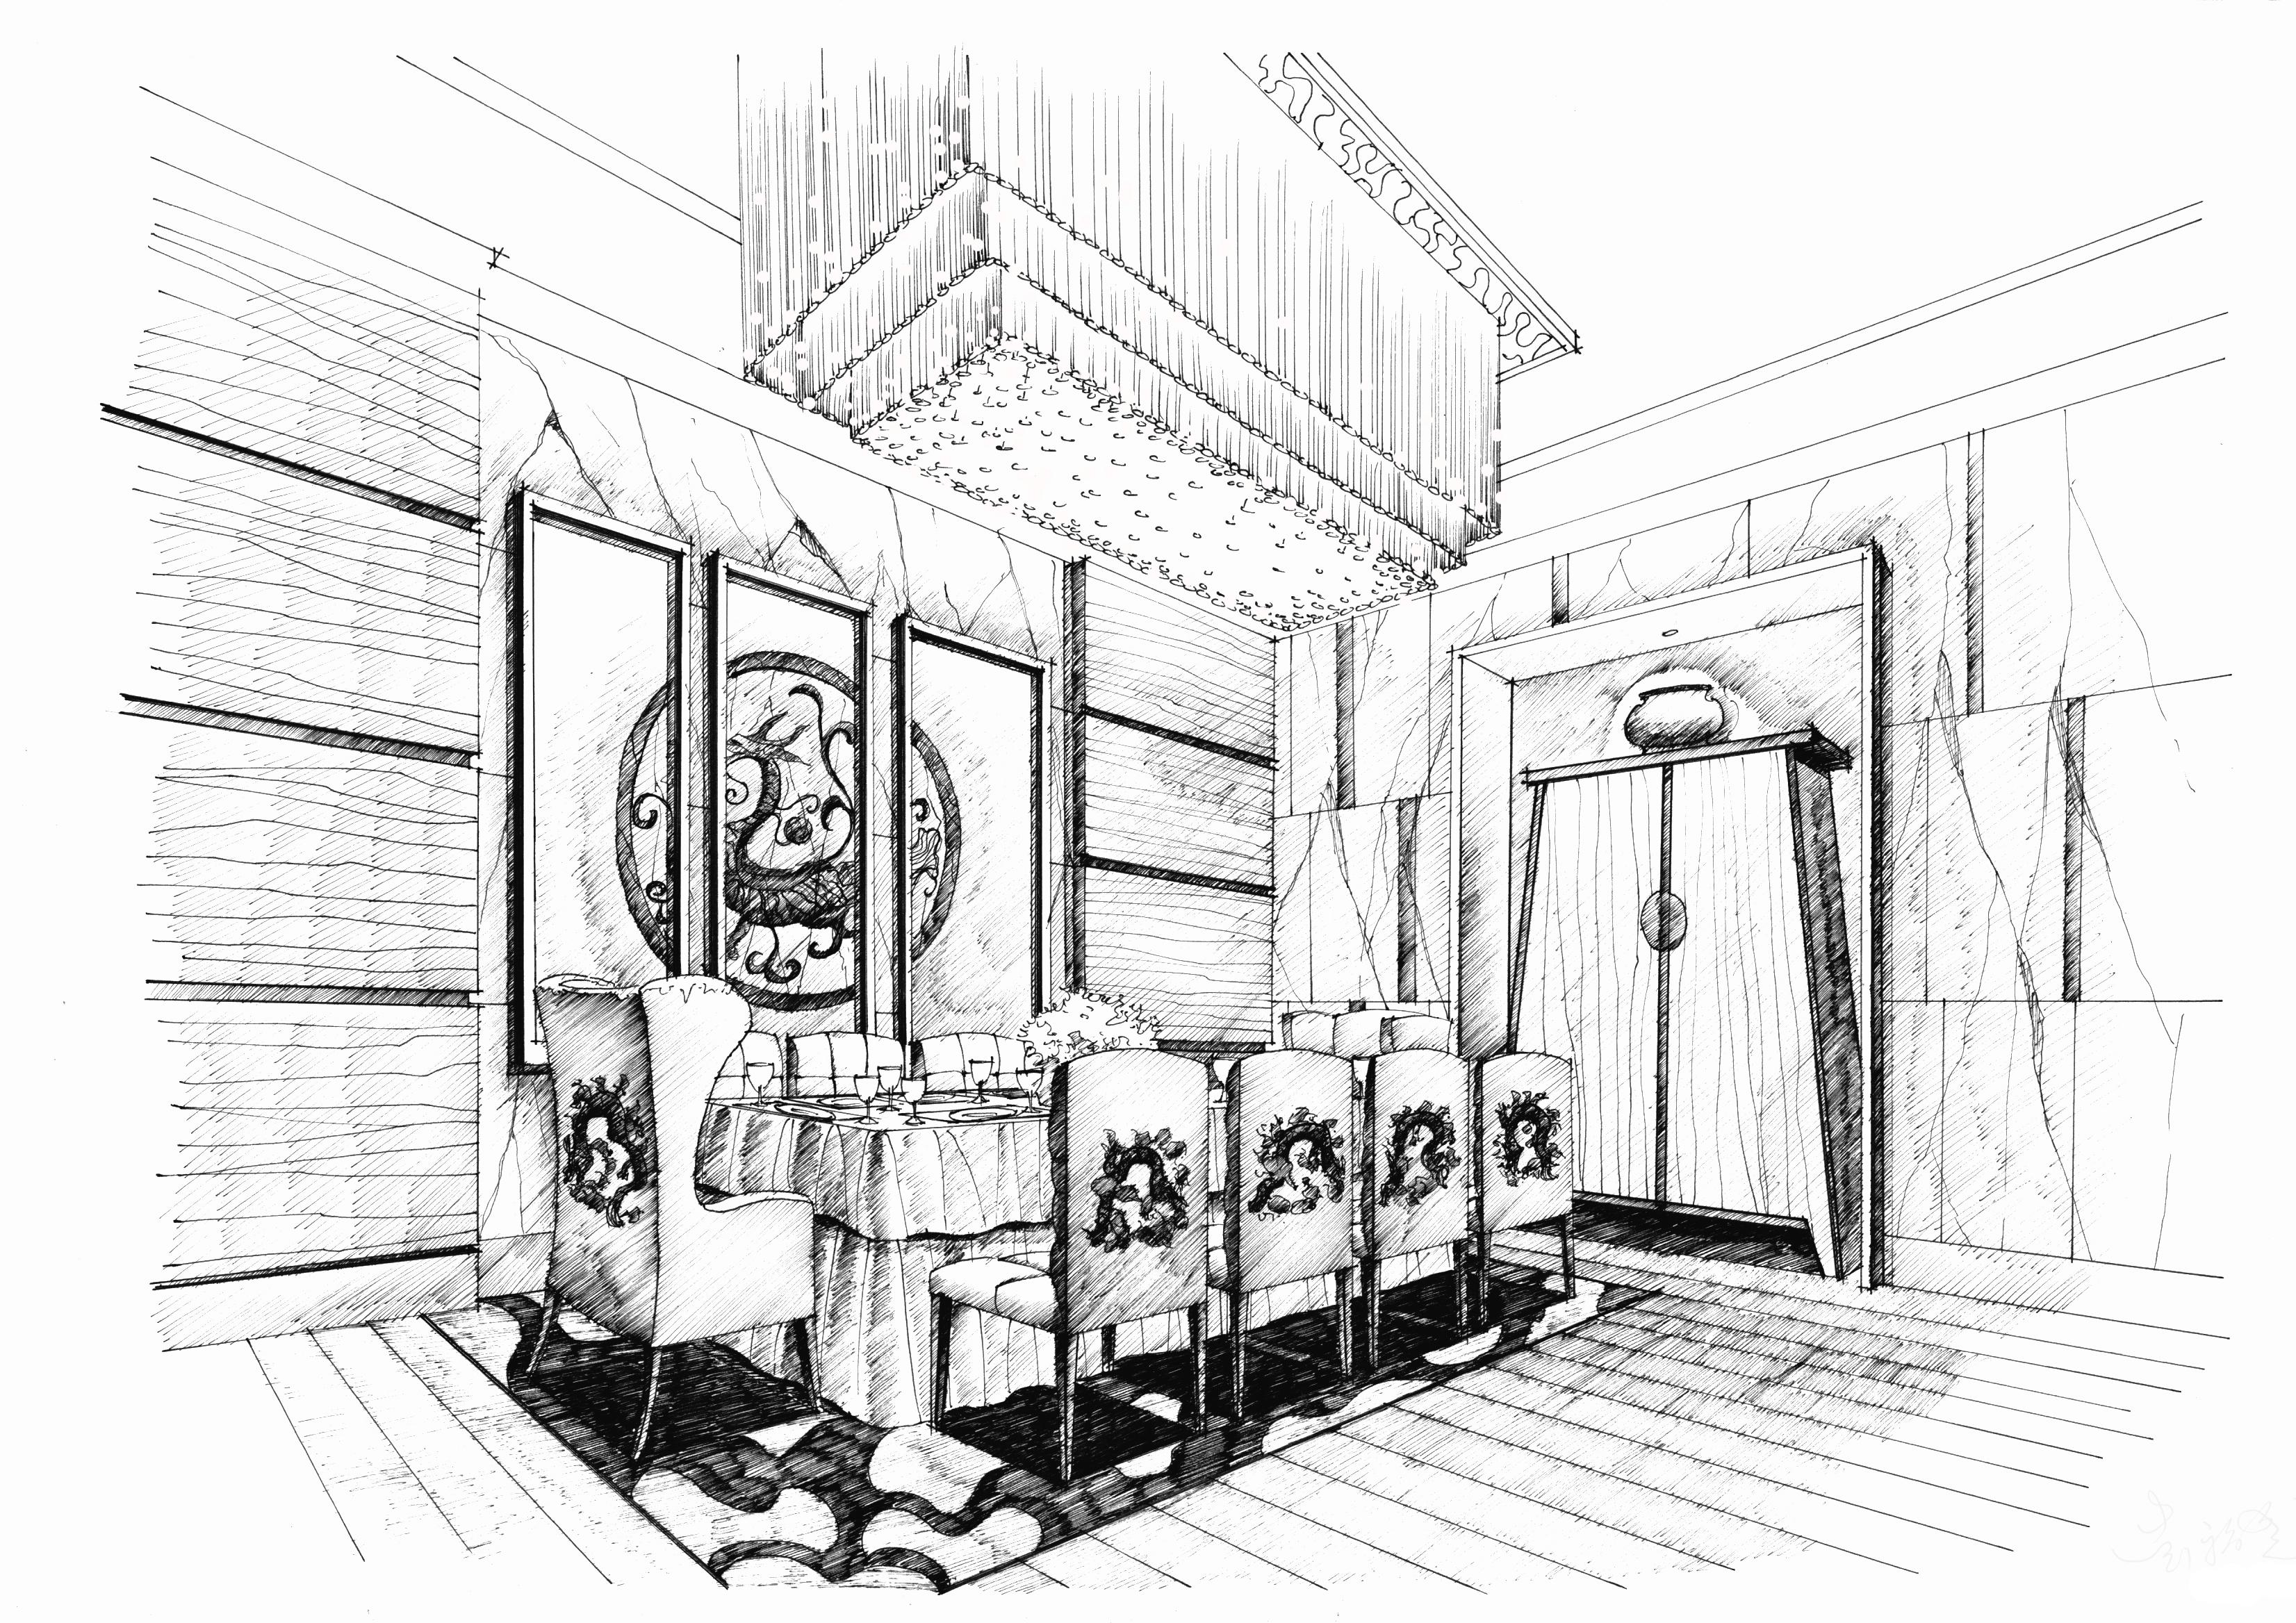 中式餐厅 空间 室内设计 mhc绘 - 原创作品 - 站酷